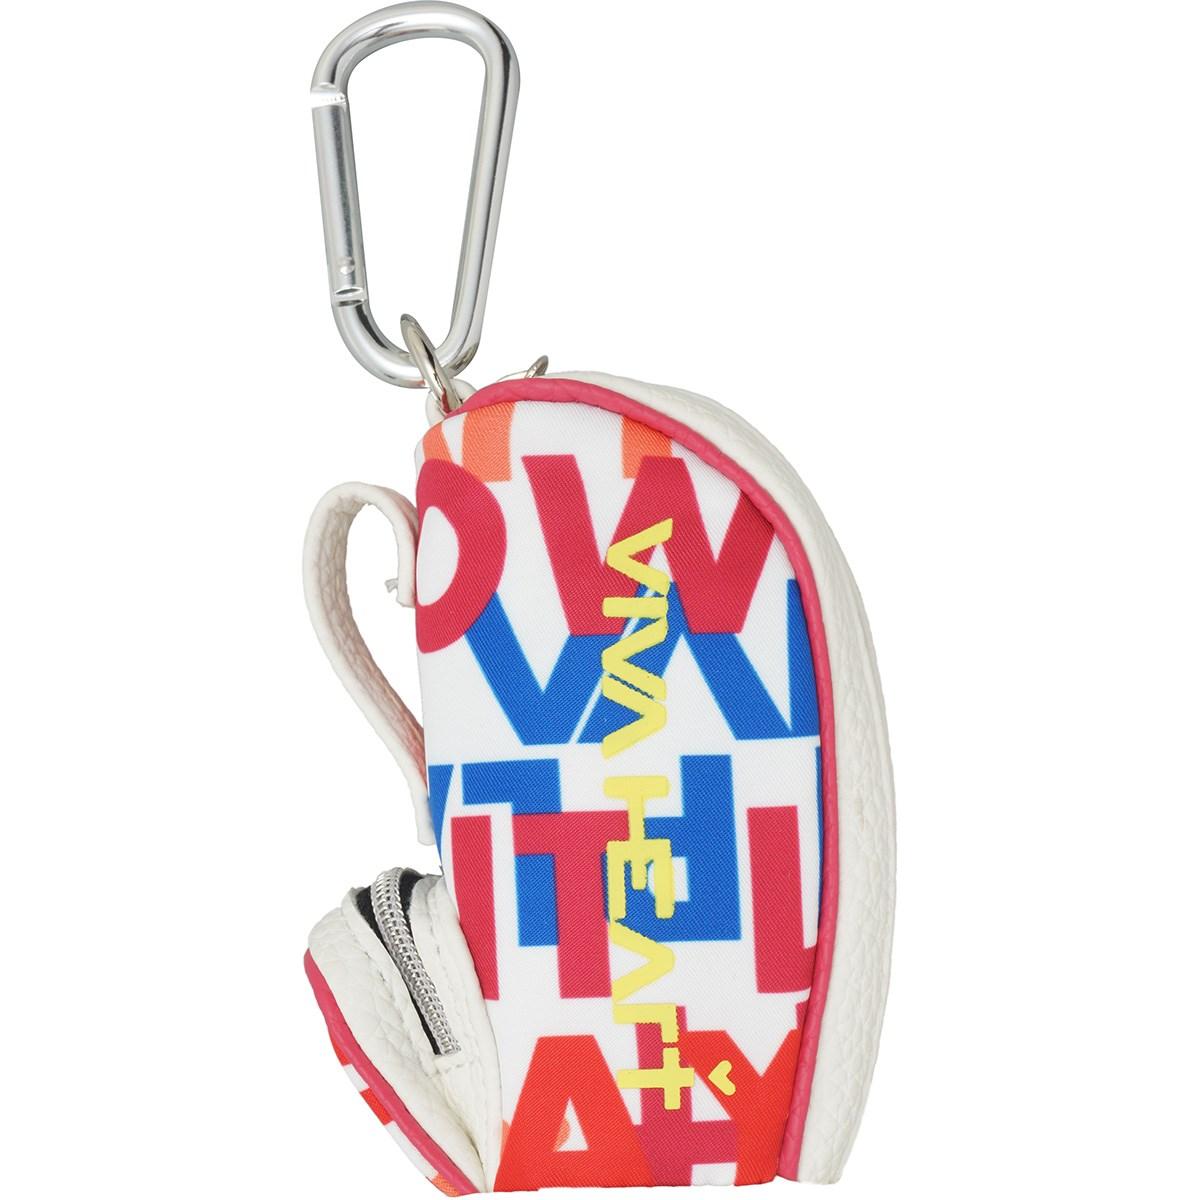 ビバハート ロゴ×スローガンプリント キャディバッグ型ボールポーチ